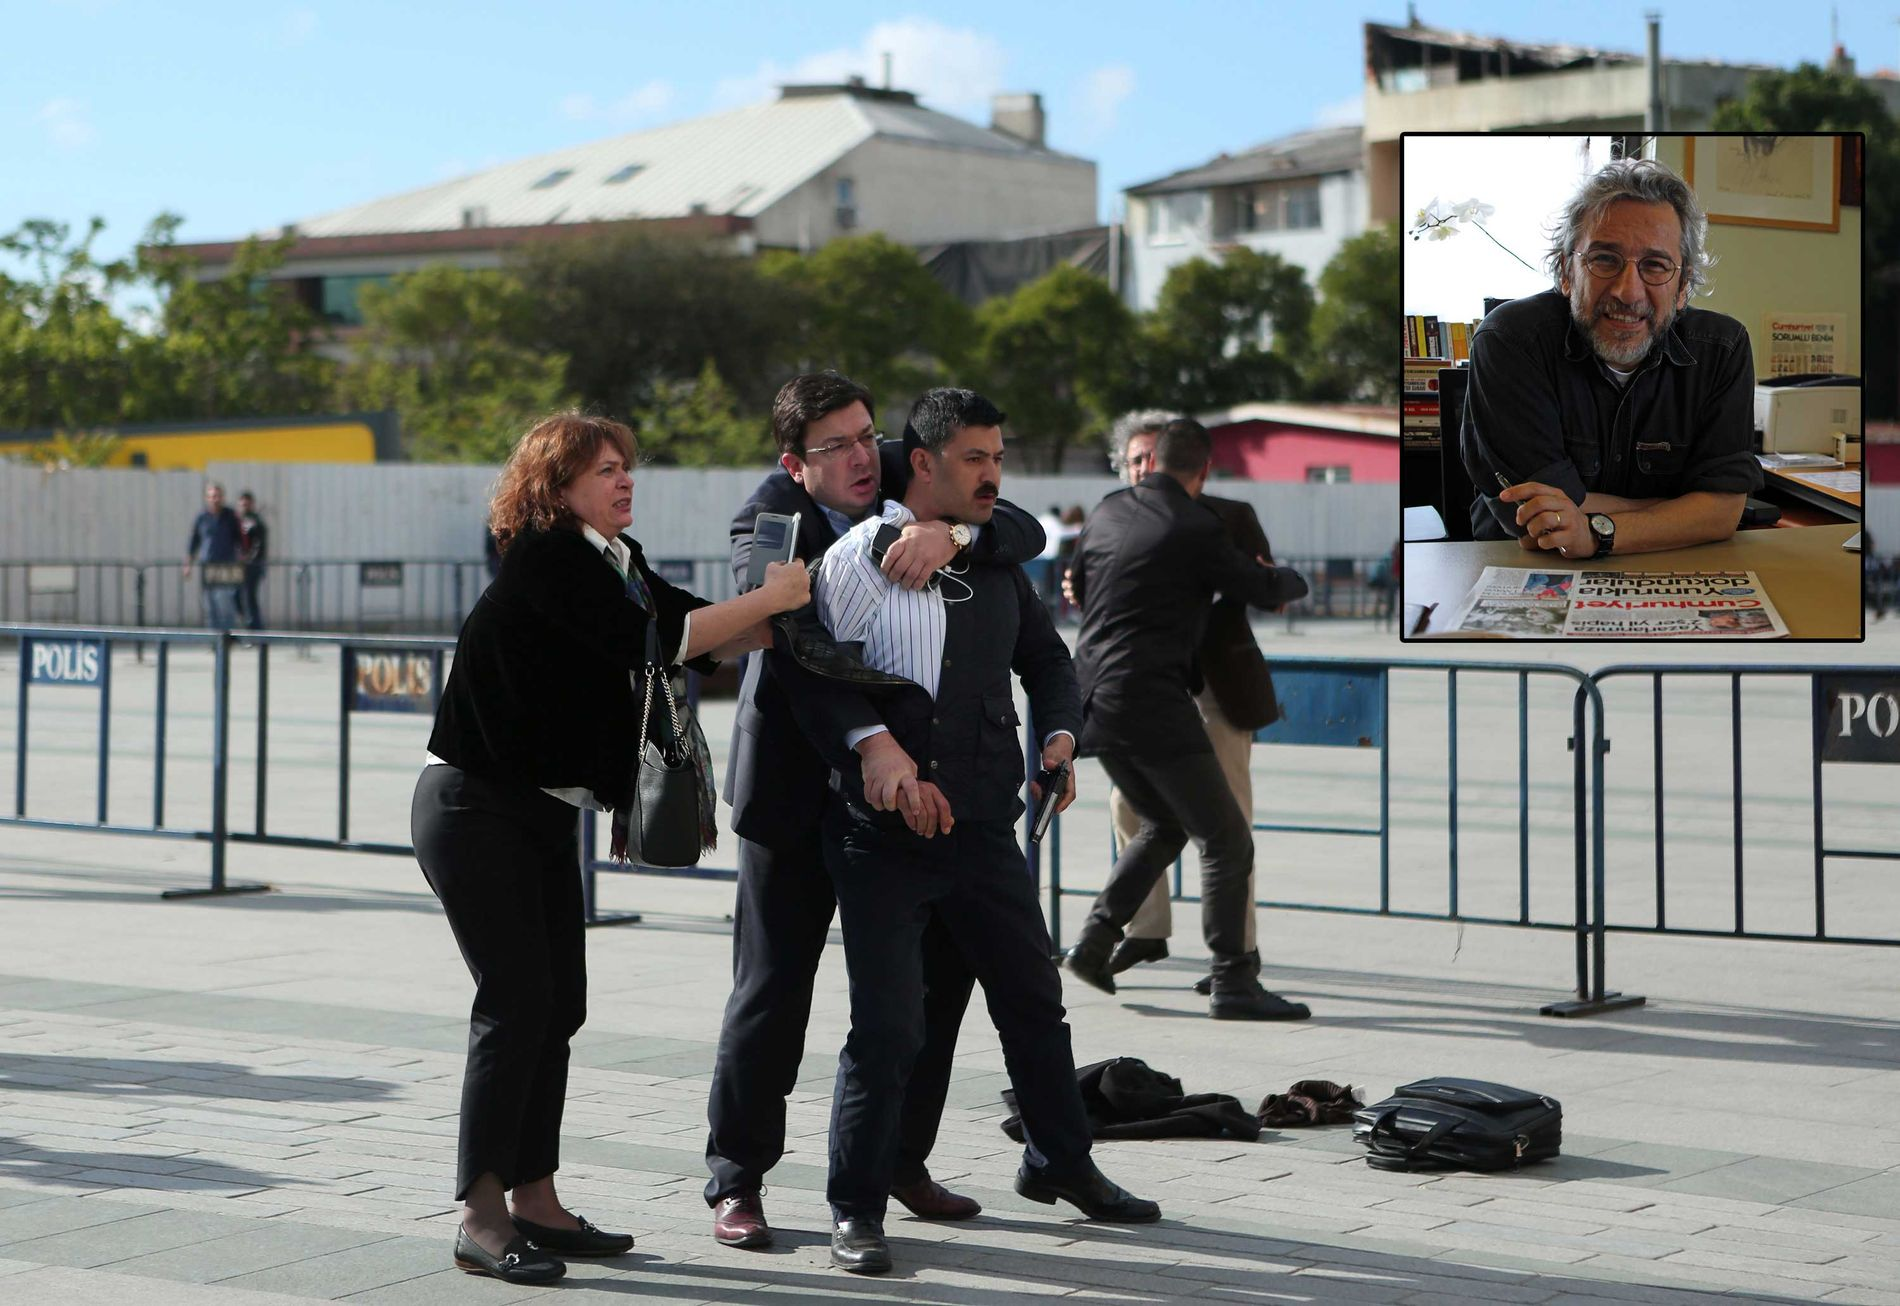 KONA TOK GREP: På dette bildet gitt ut av avisen Cumhuriyet sees Dilek Dündar, som er kona til sjefredaktør Can Dundar (innfelt), kort etter hun har stanset mannen som skjøt mot redaktøren utenfor rettslokalet i Istanbul fredag ettermiddag.